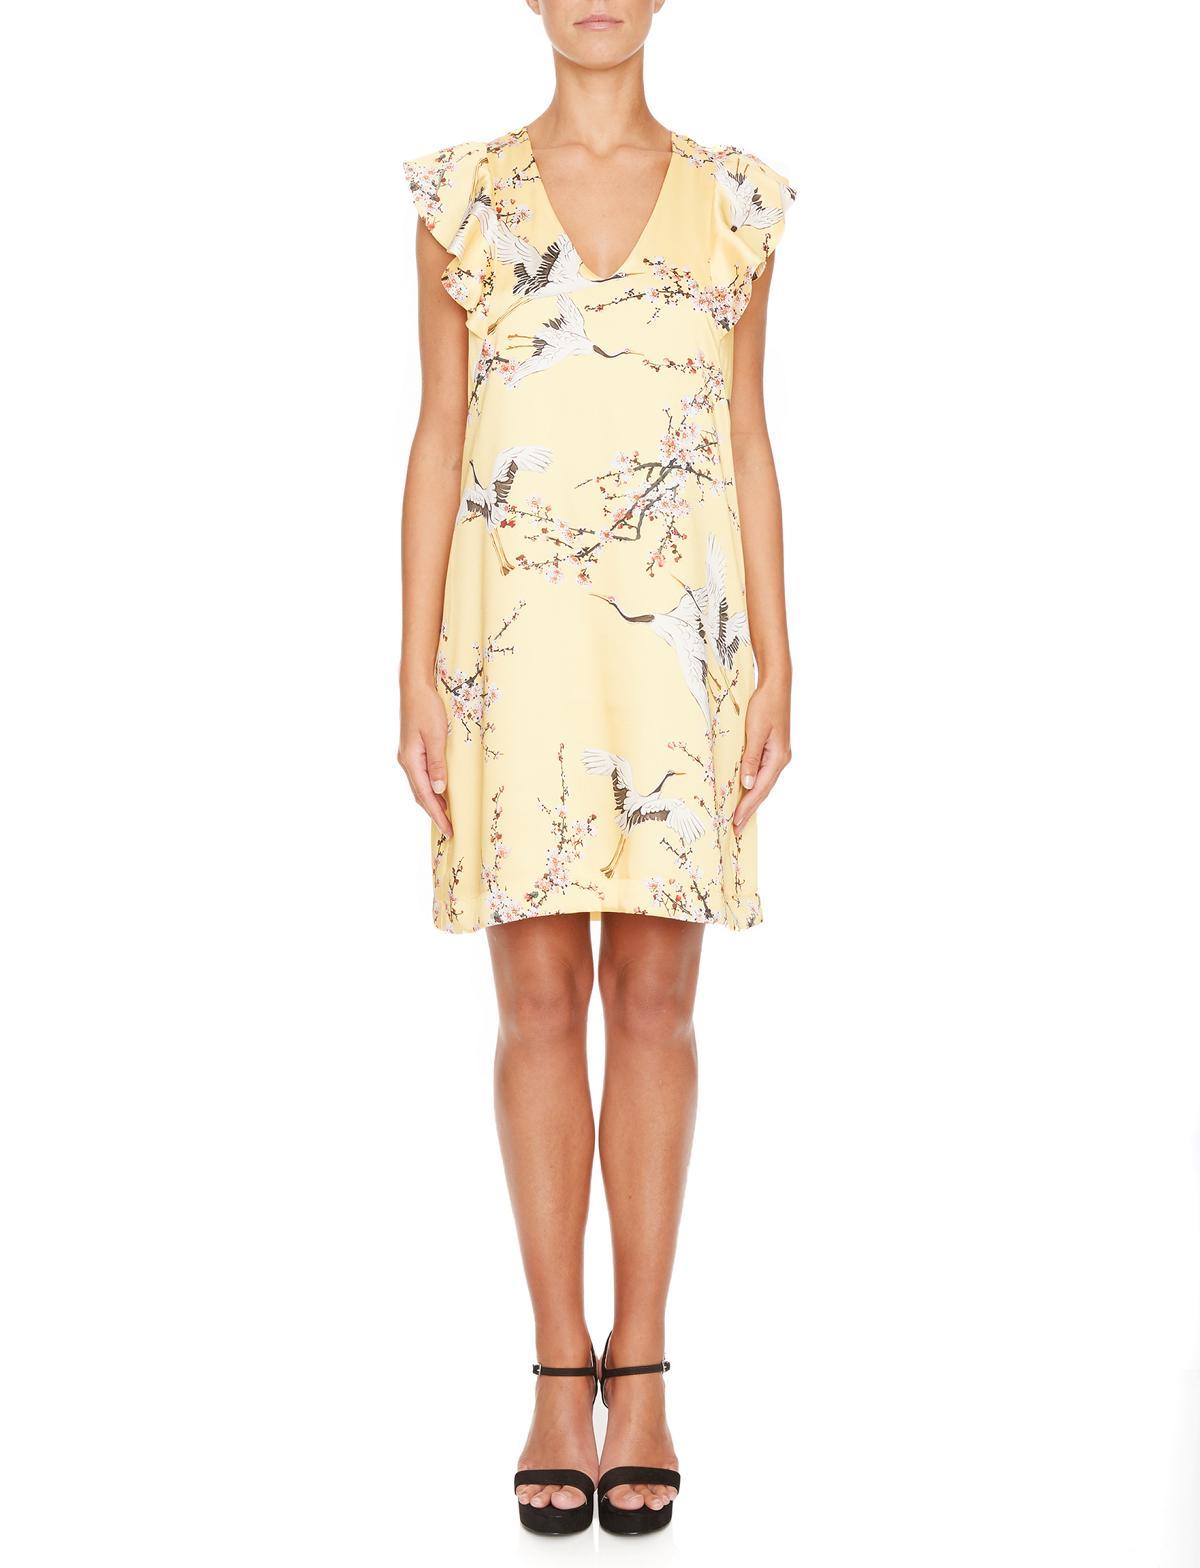 Vorderansicht von Ana Alcazar A-Linien Kleid Mirany  angezogen an Model